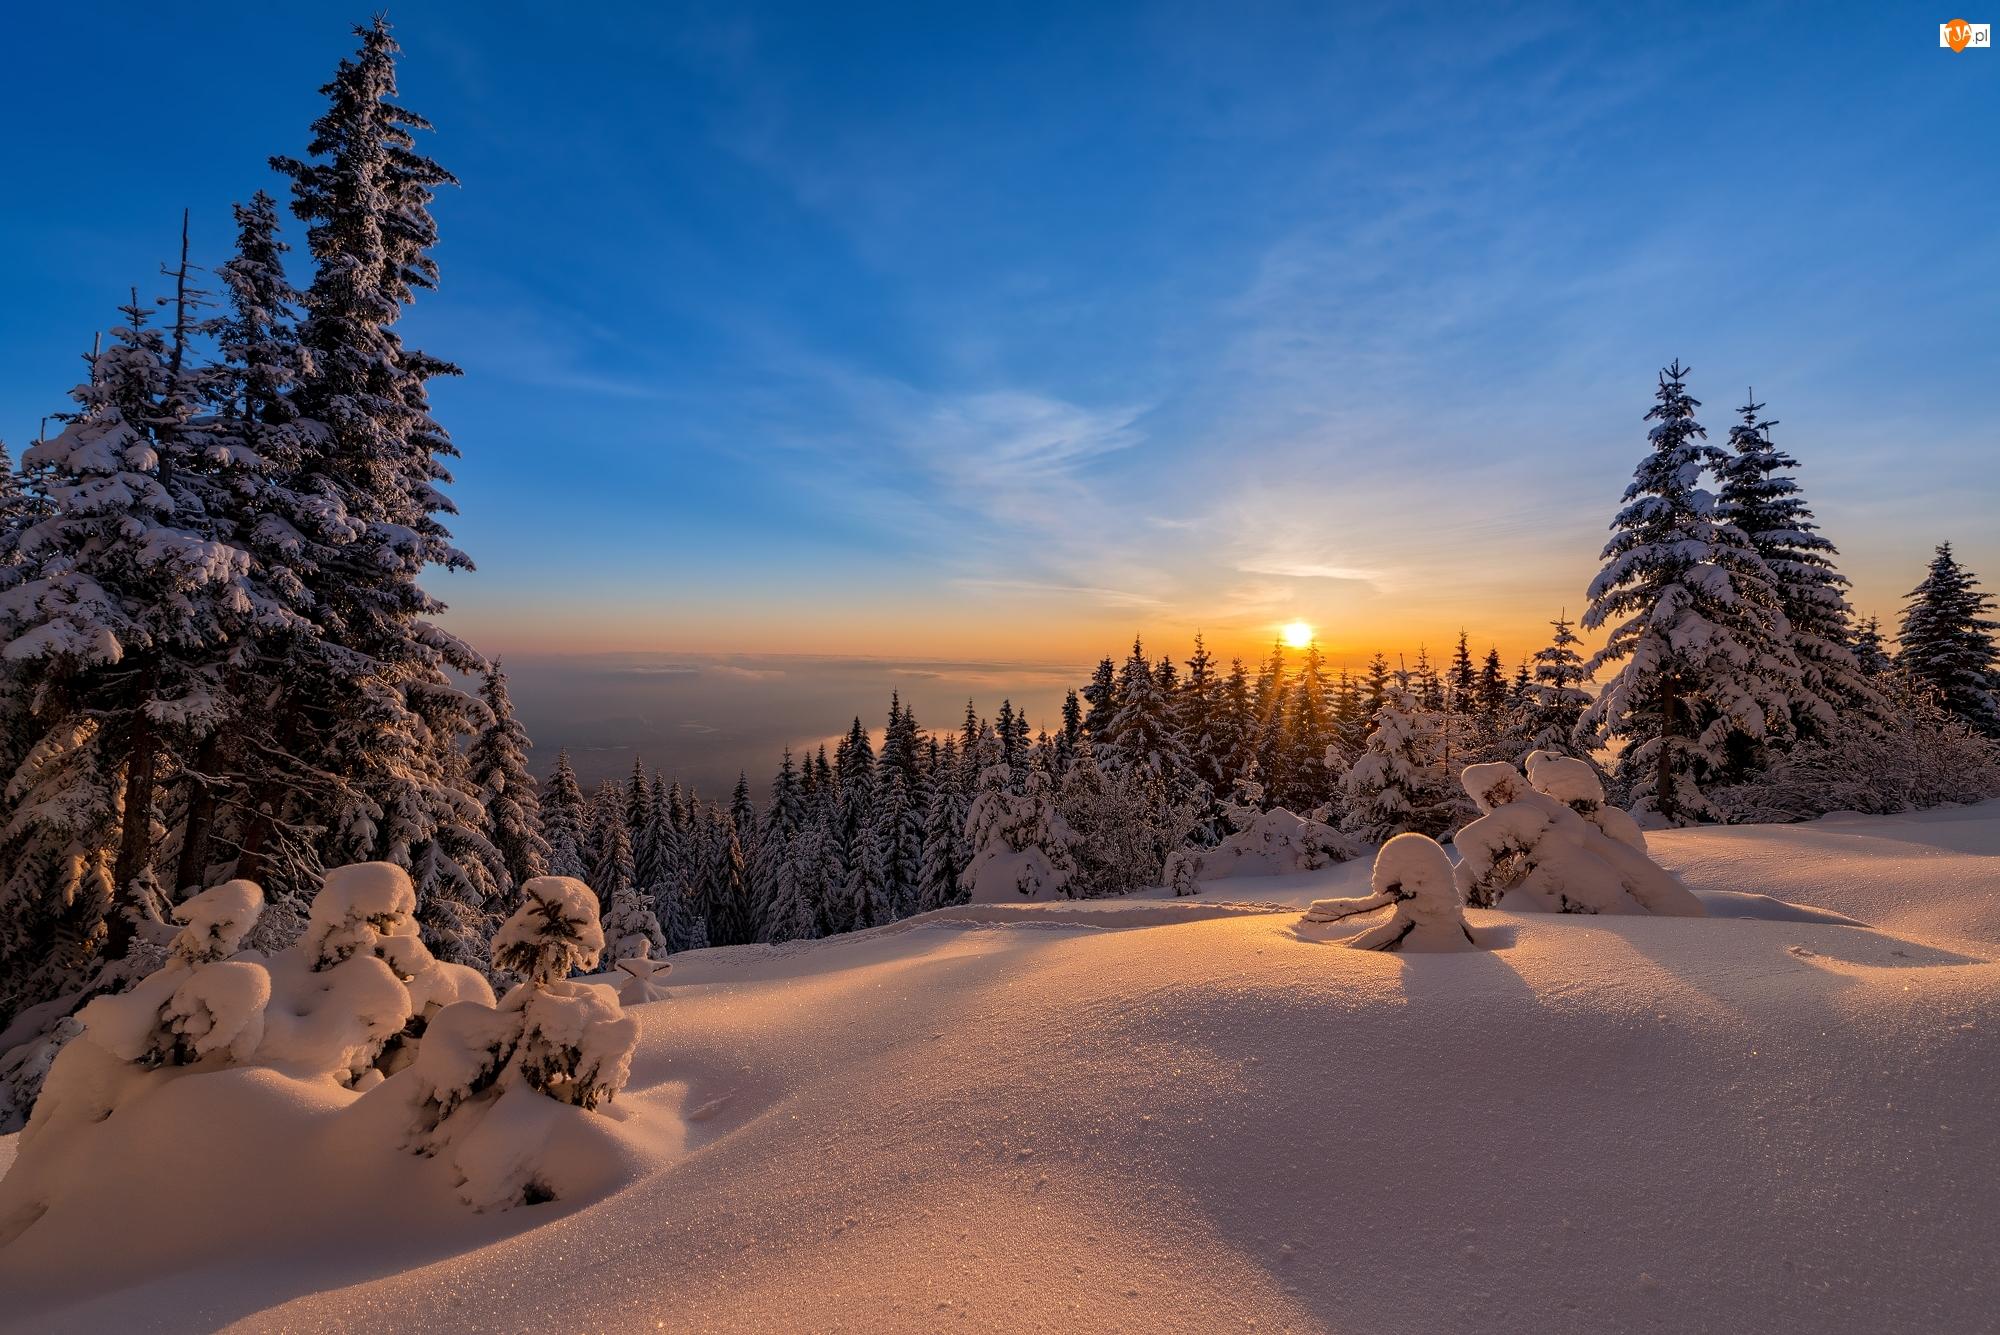 Zachód słońca, Zima, Świerki, Śnieg